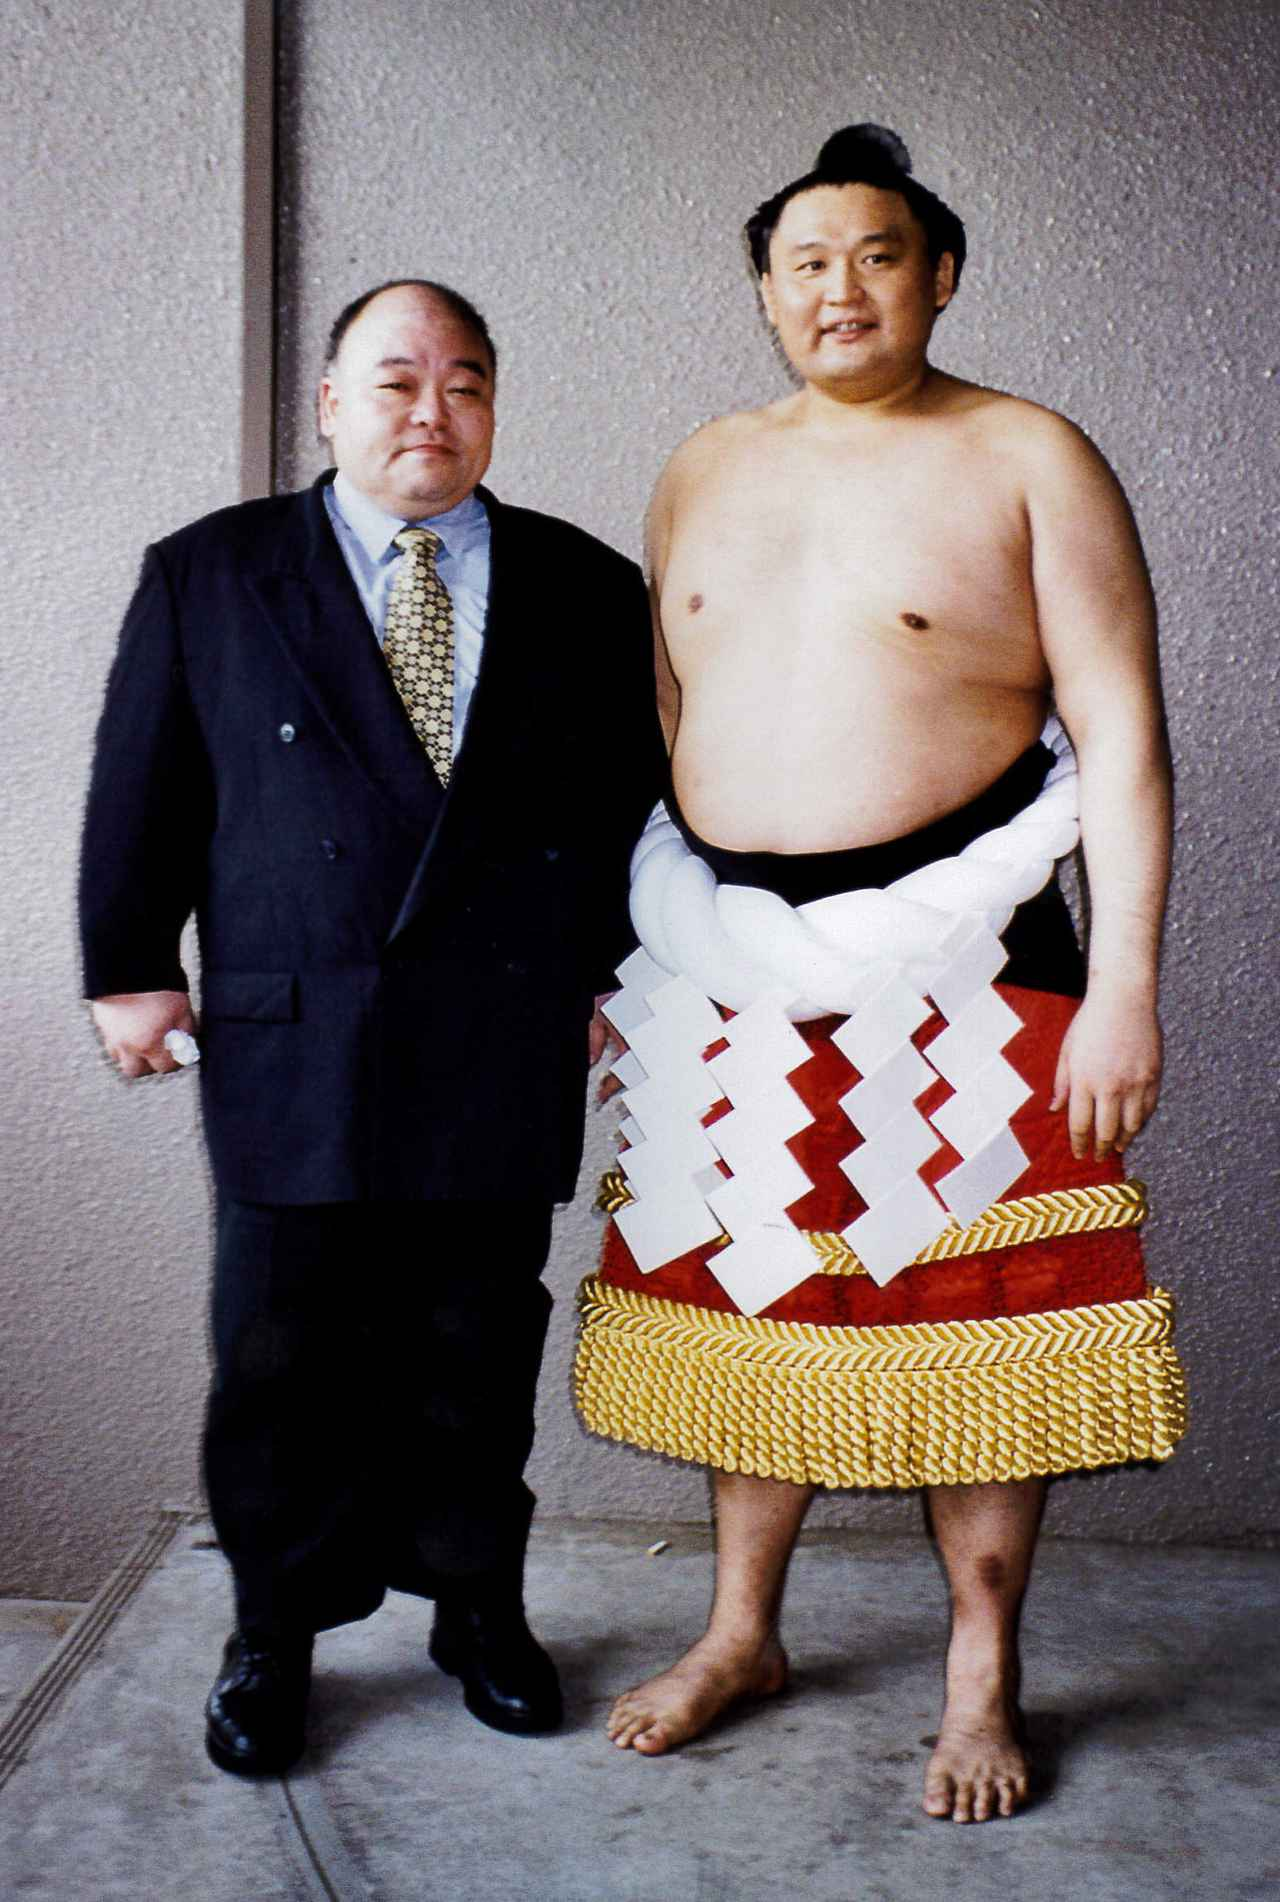 こと しょう ほう 力士 情報 琴勝峰 吉成 - 力士プロフィール - 日本相撲協会公式サイト